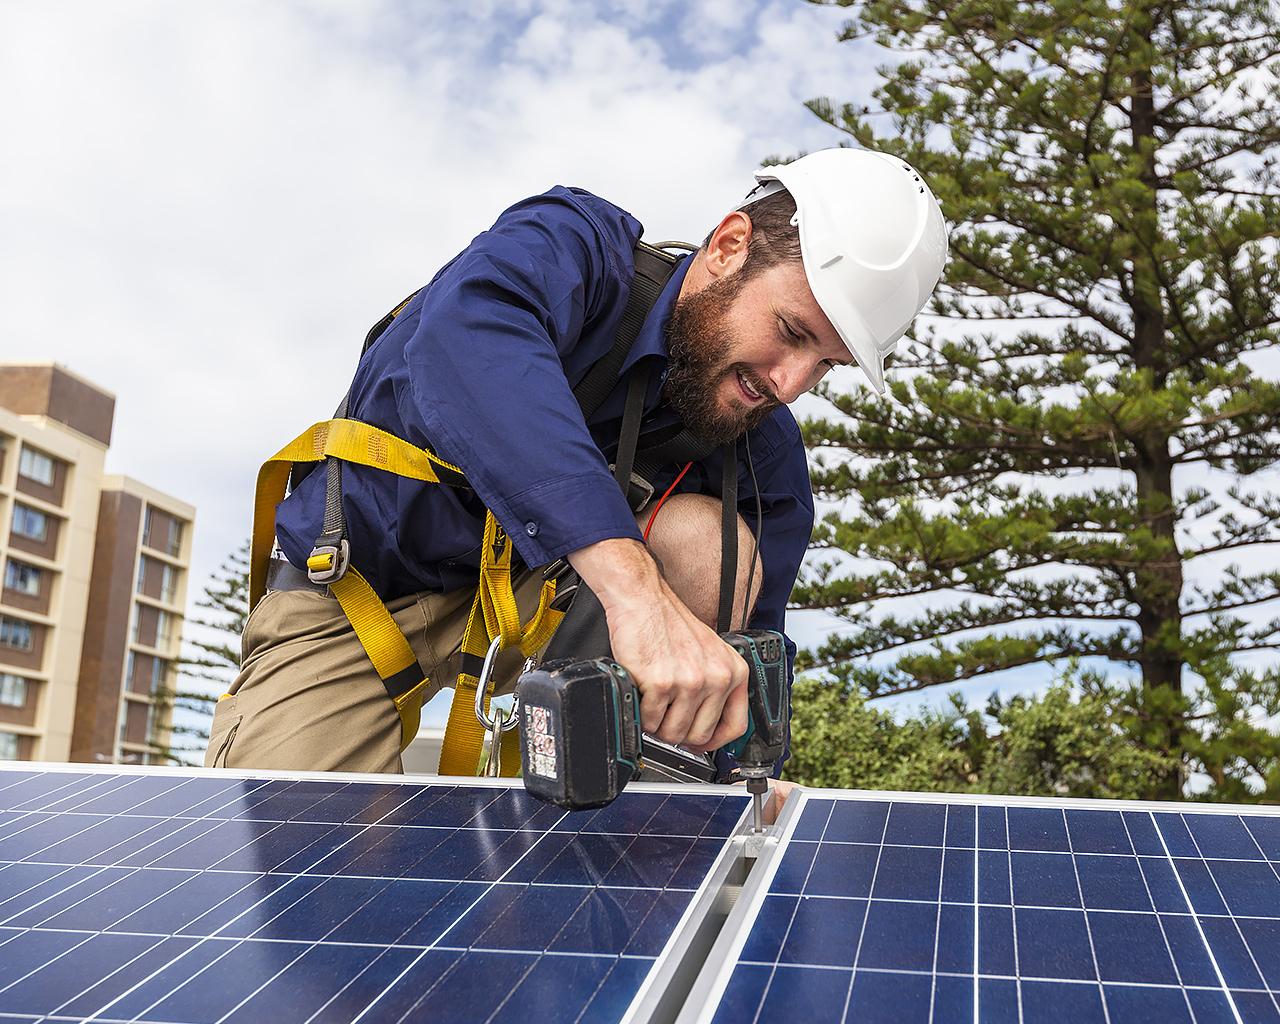 Fotovoltaico para autoconsumo